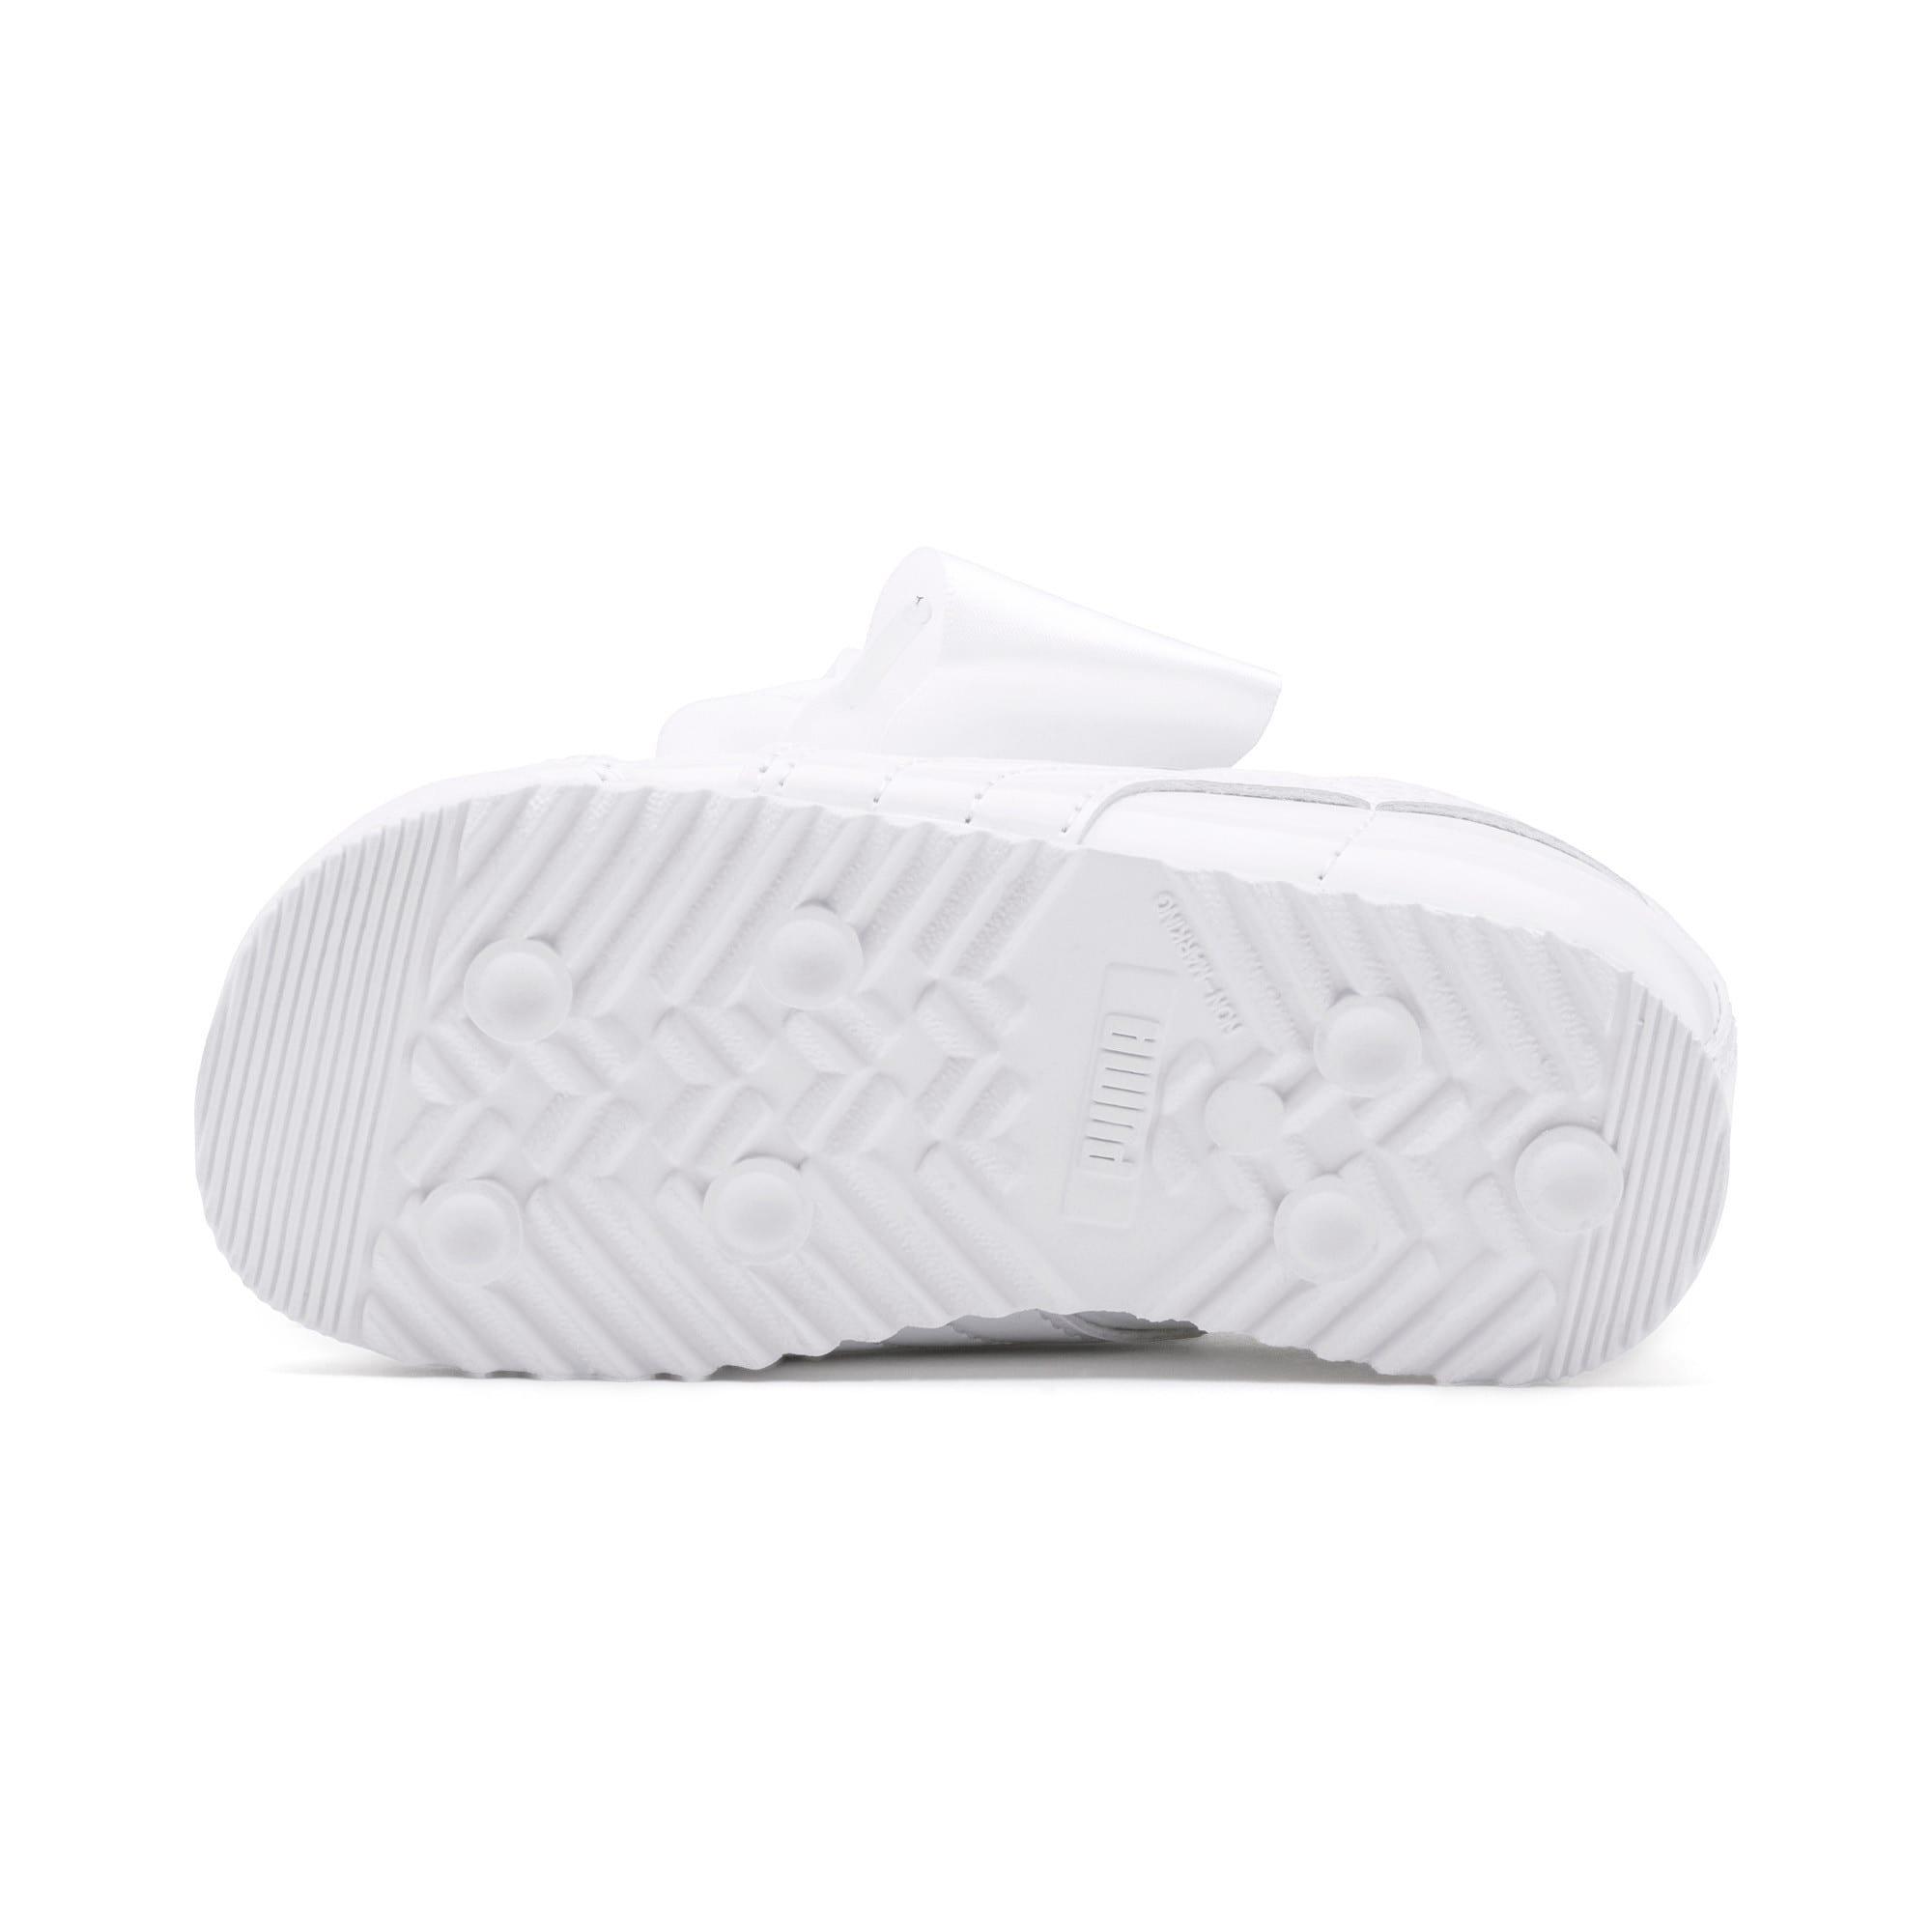 Miniatura 4 de Zapatos de charol Roma Heart para bebé, Puma White, mediano